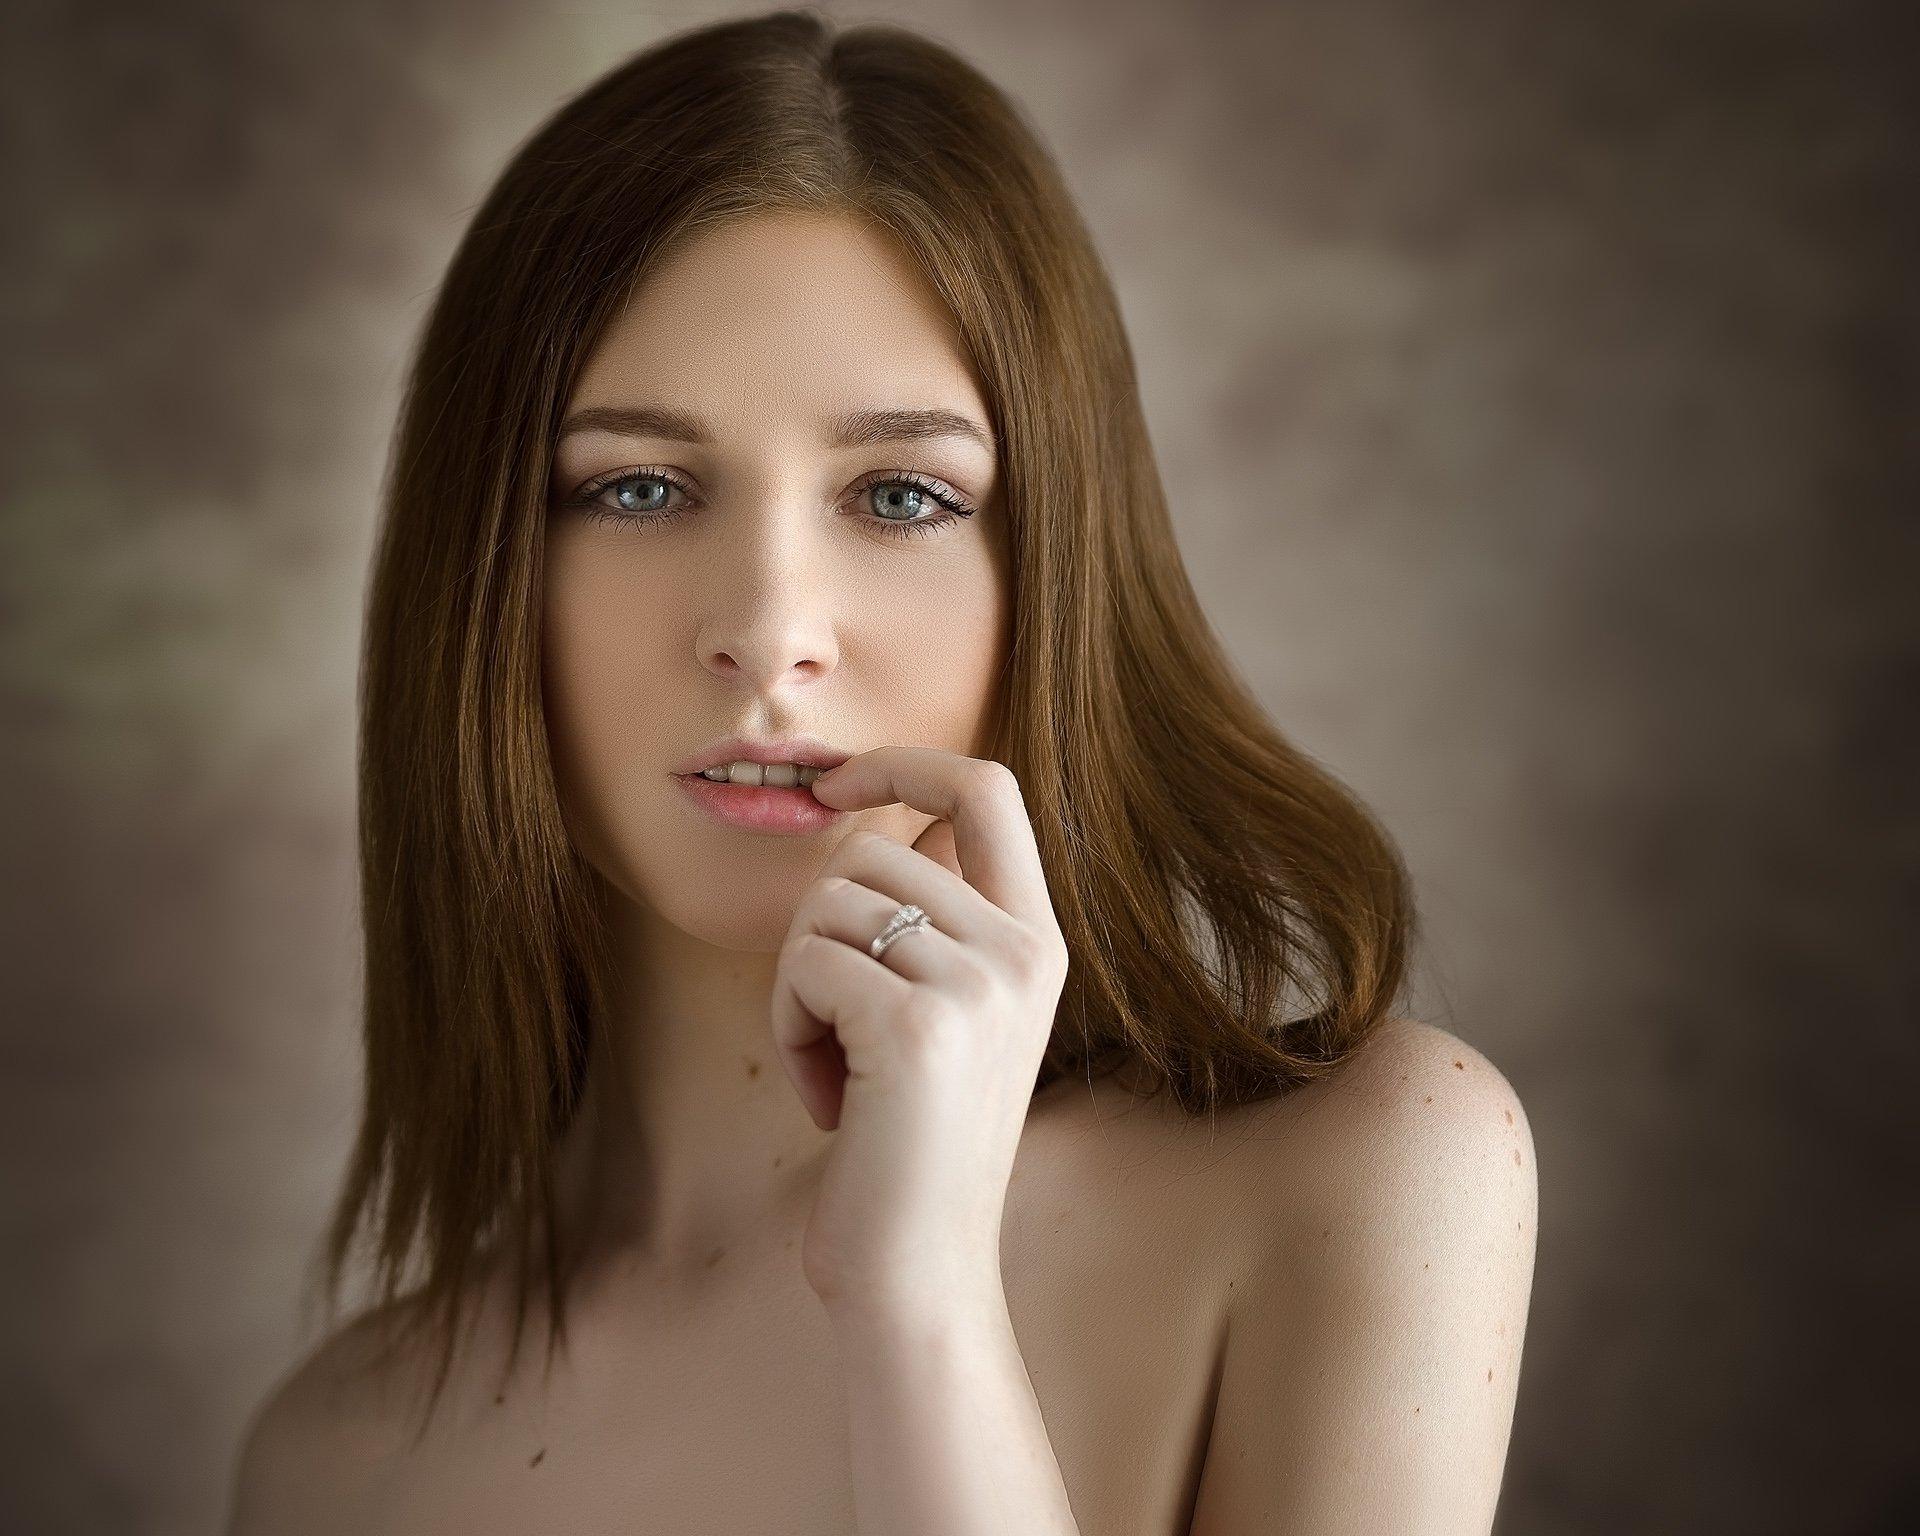 девушка, молодая, красивая, лицо, портрет, взгляд, красота, естественный свет, sigma, Евгений Сибиряев